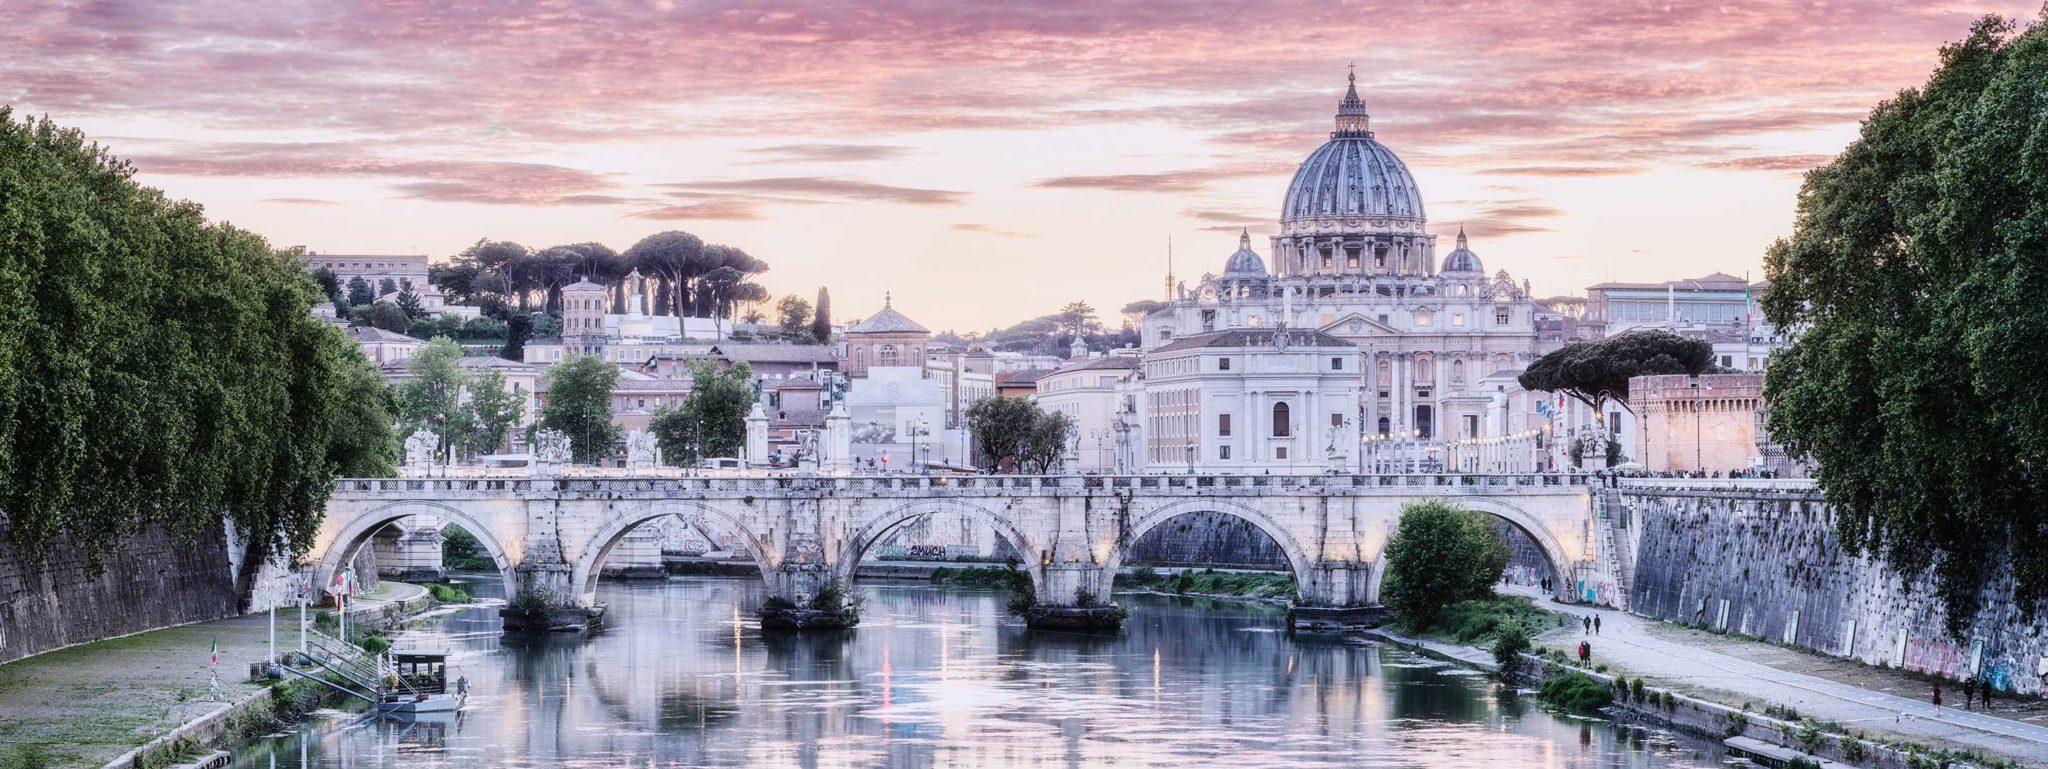 Portfolio , Sunset behind Ponte Sant Angelo and Vatican, Rome April 20019 , Cityscape, ruhige Scene mit dem Fluß Tiber im Vordergrund. Im Hintergrund ist dominant die Kuppel des Petersdom zu erkennen, farbig.